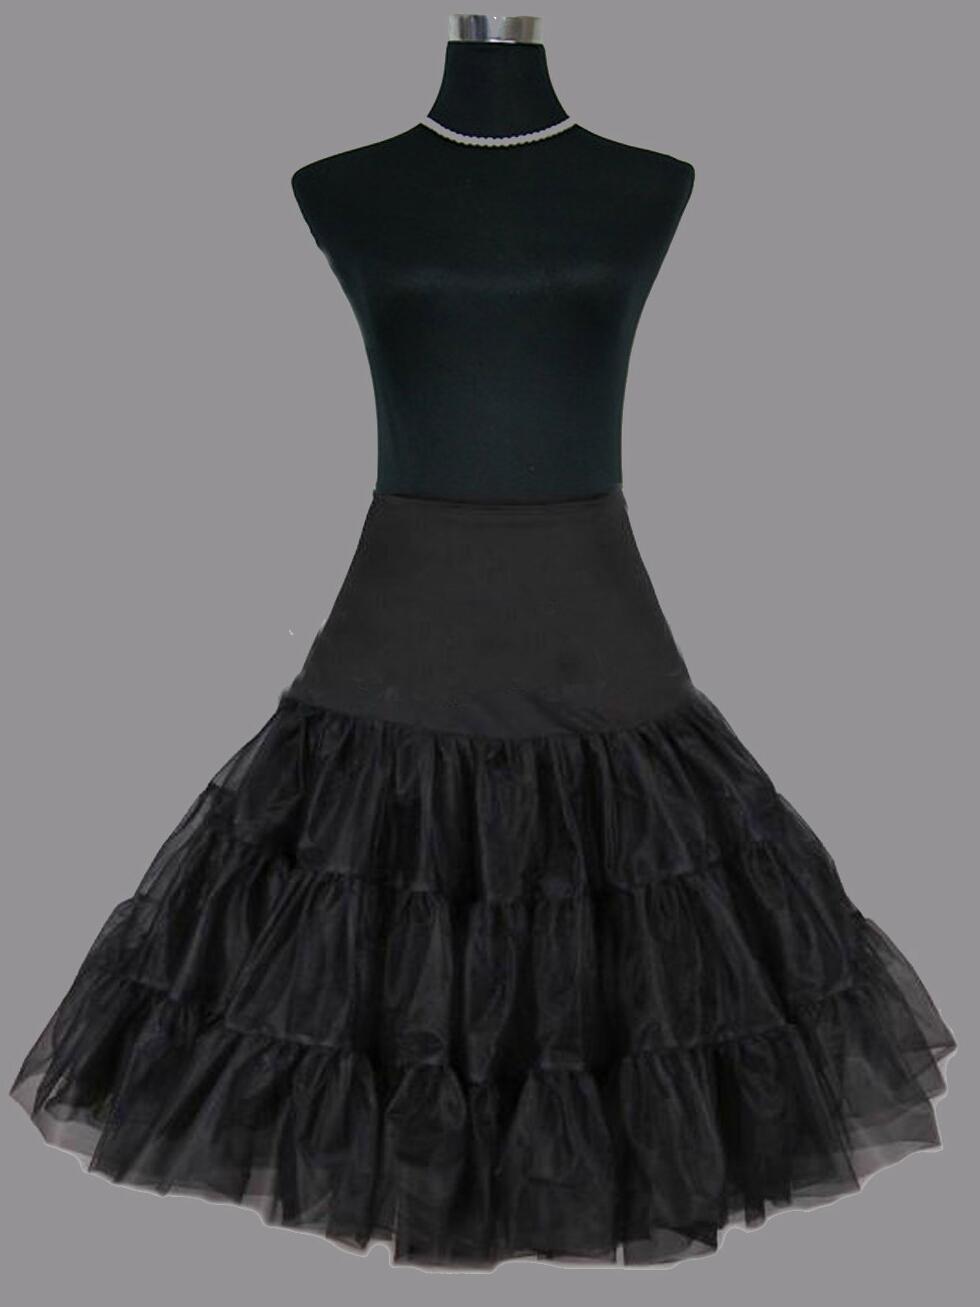 Пышная юбка с подъюбником из фатина